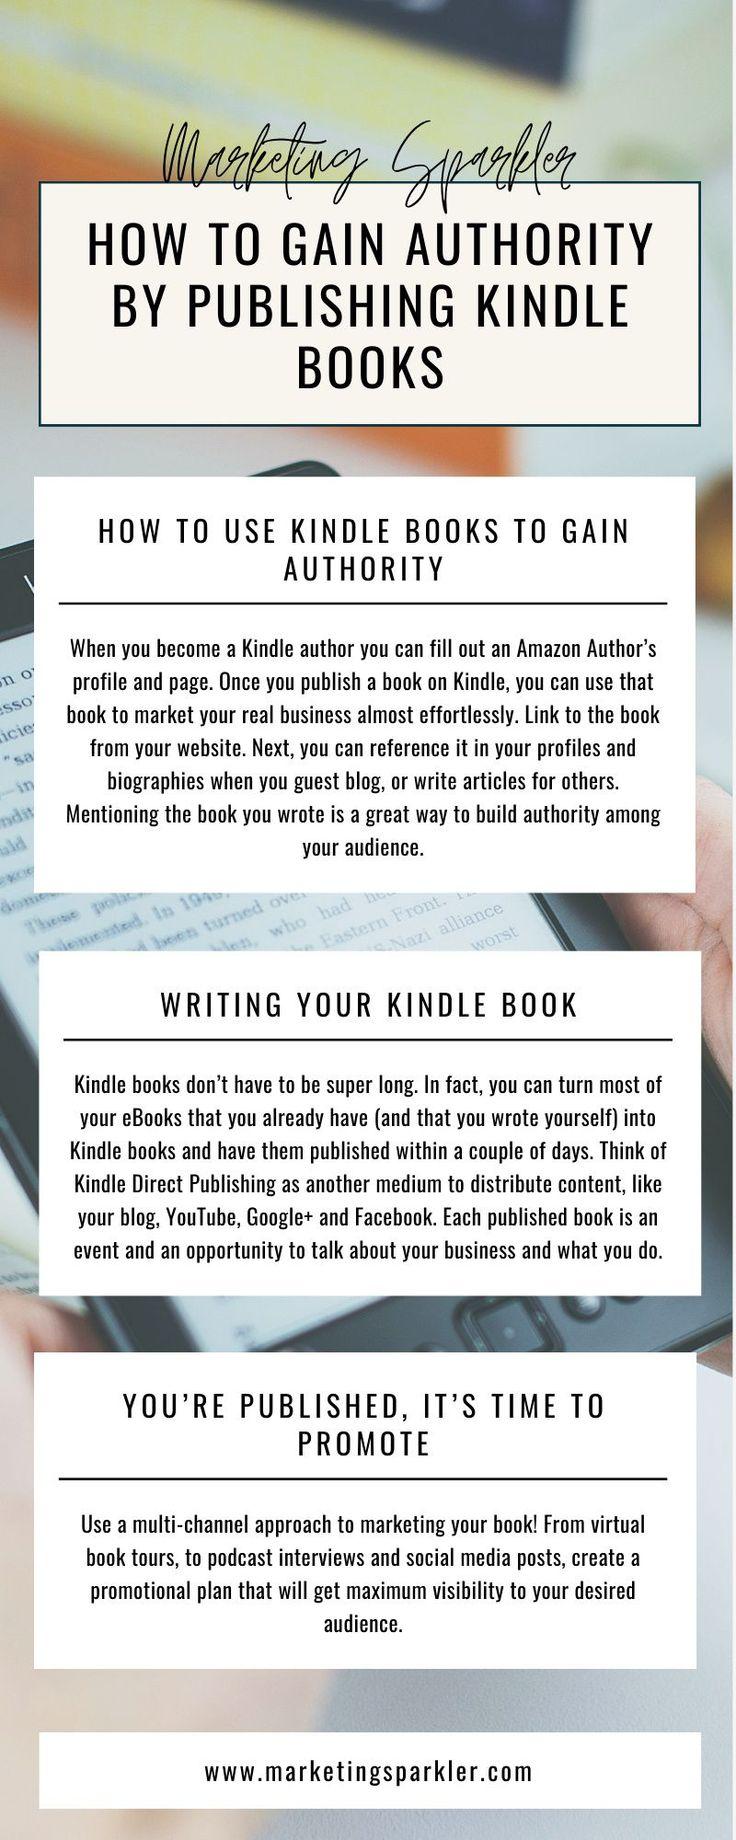 How To Gain Authority By Publishing Kindle Books I Marketing Sparkler Kindle Author Infographic Marketing Book Publishing